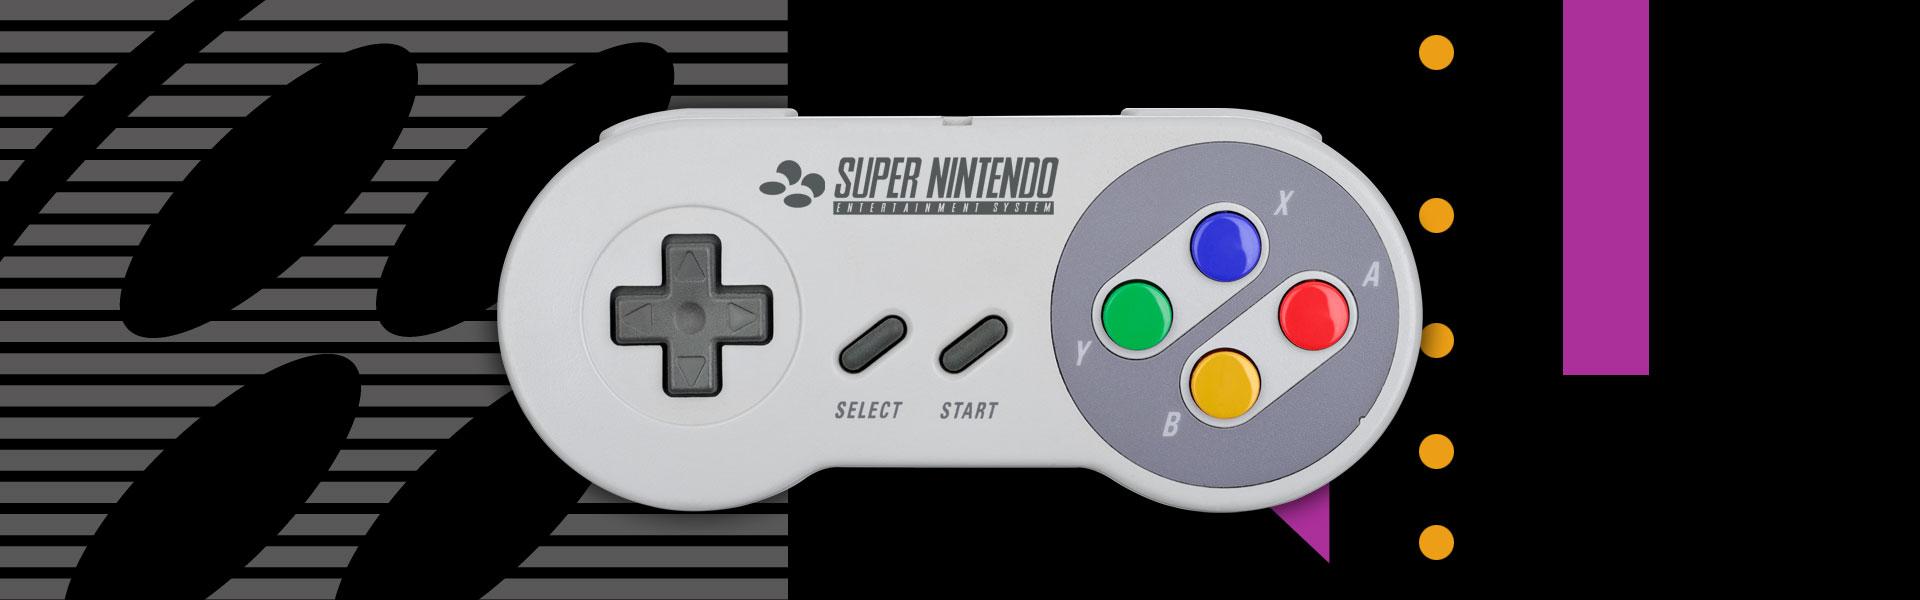 MPU_Ep_46_Super_Nintendo_Part_1_1920x600